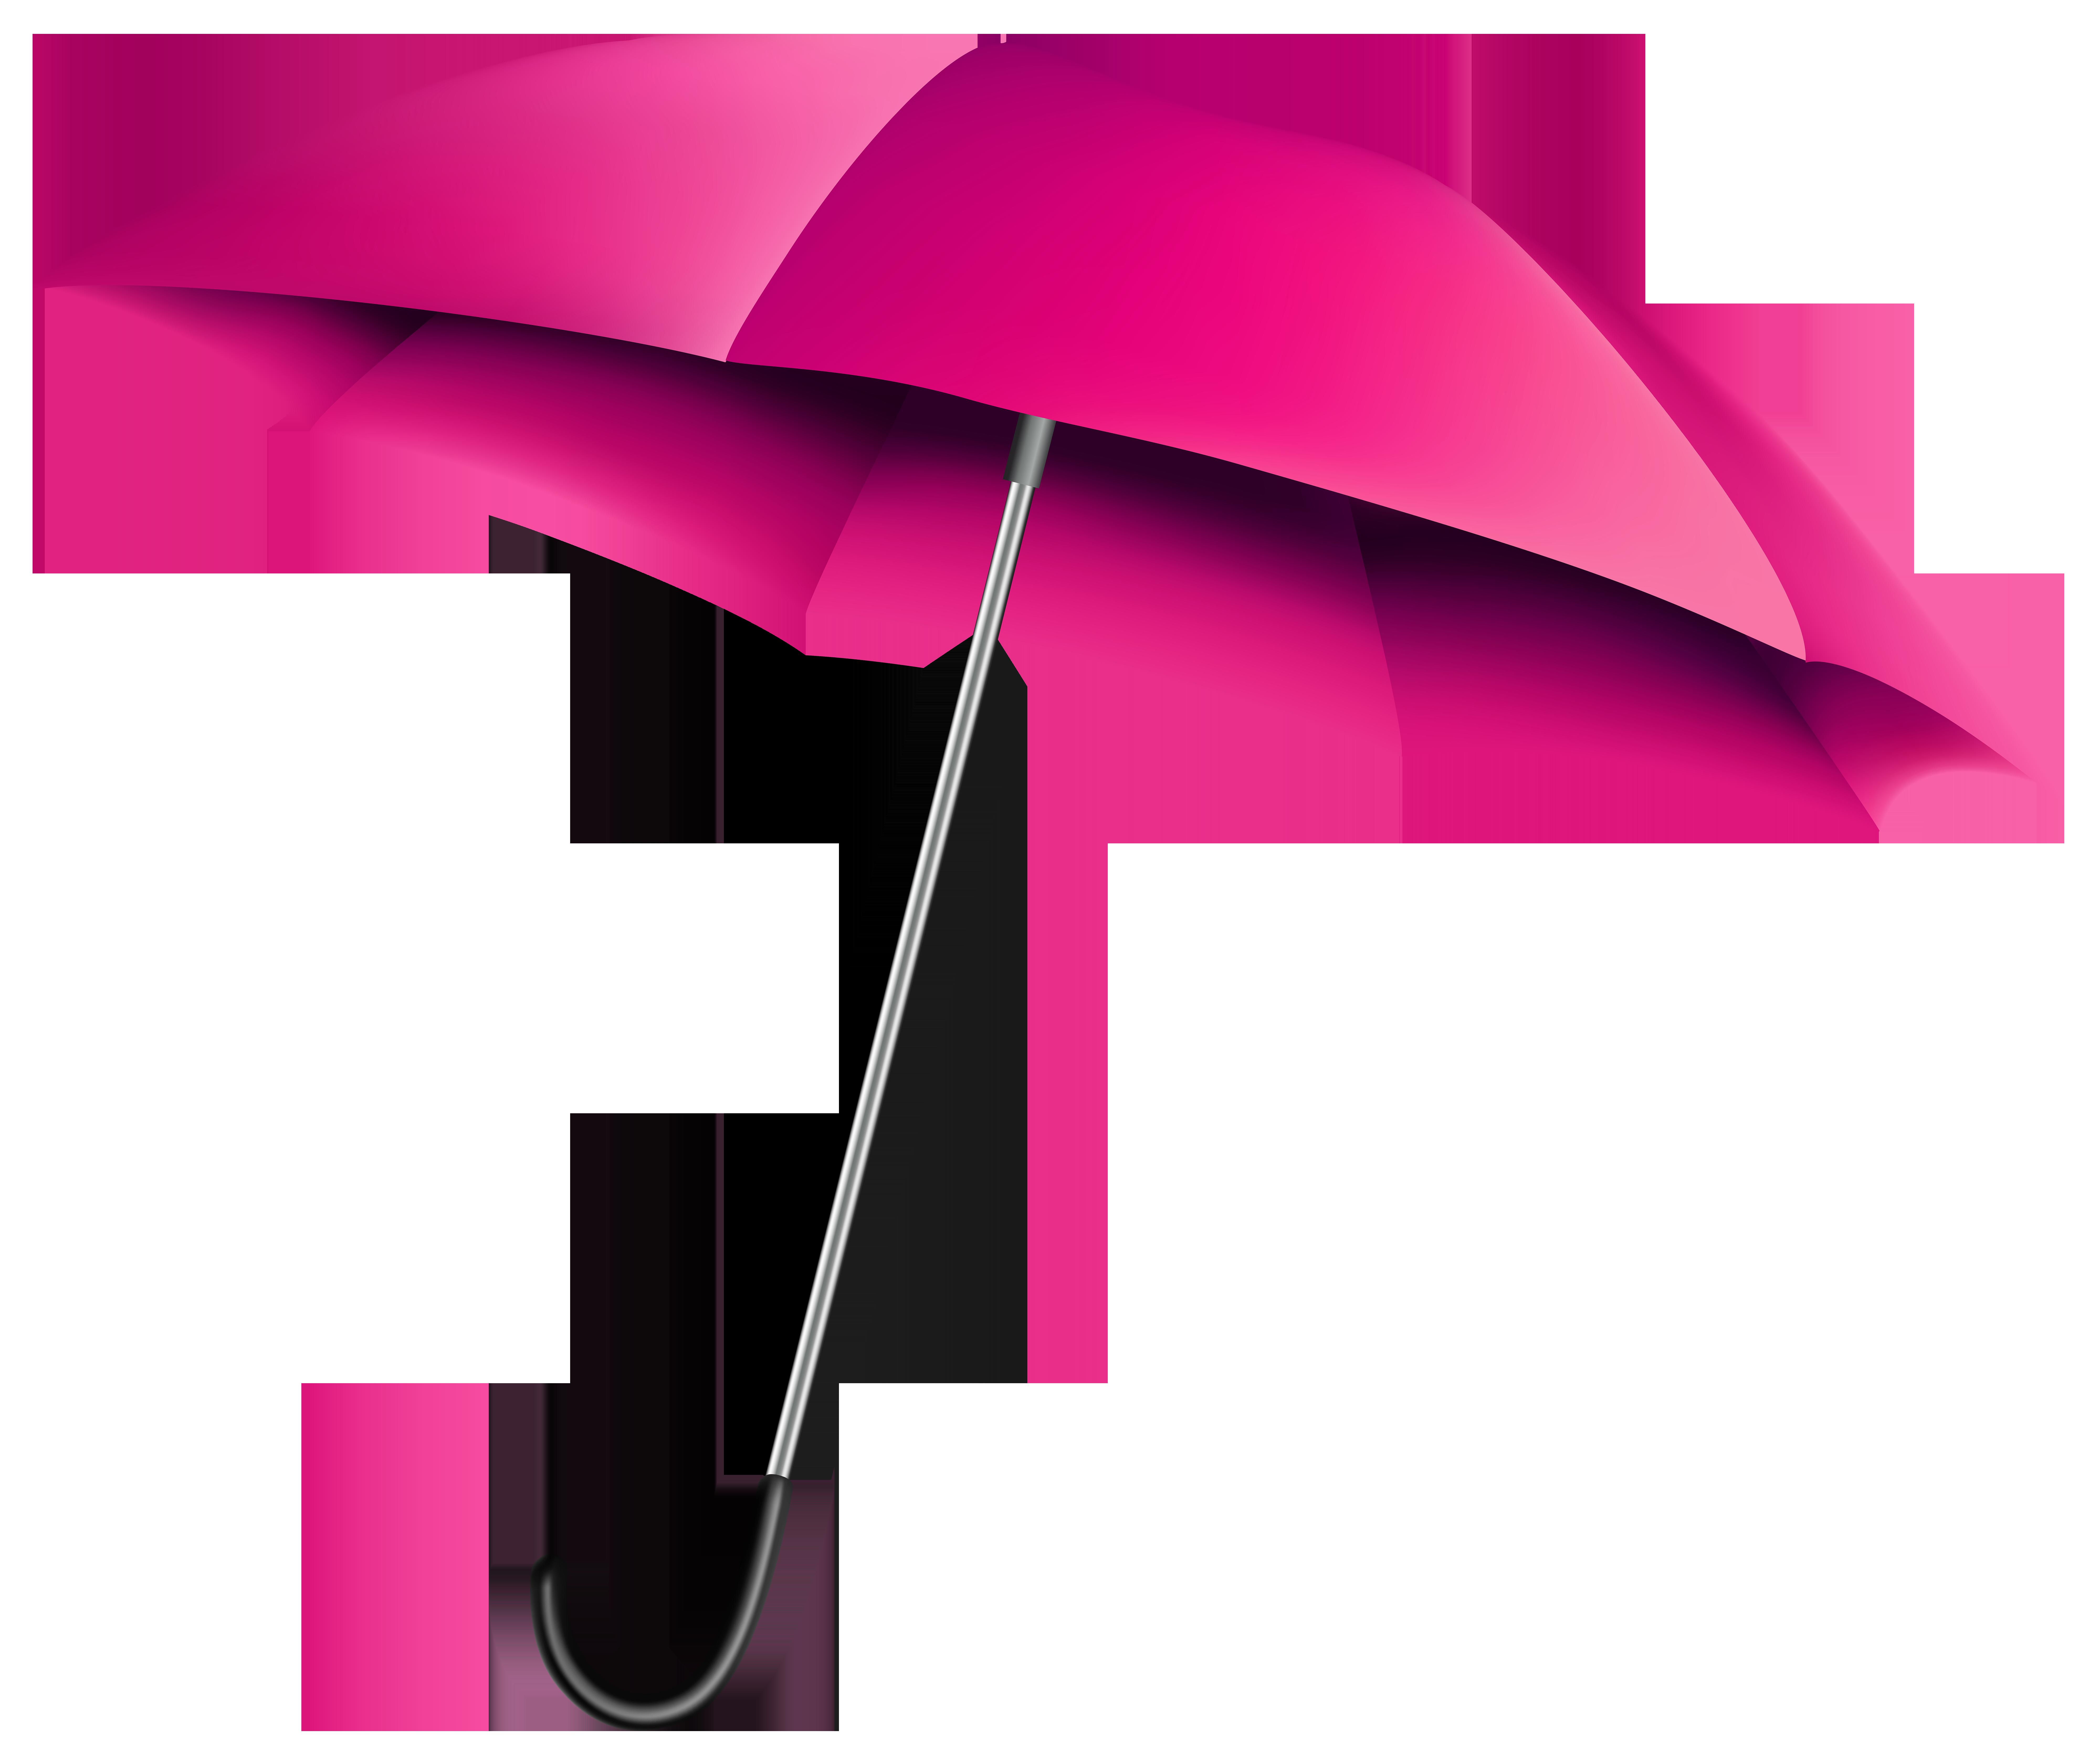 Clipart rain umbrella. Pink transparent png clip